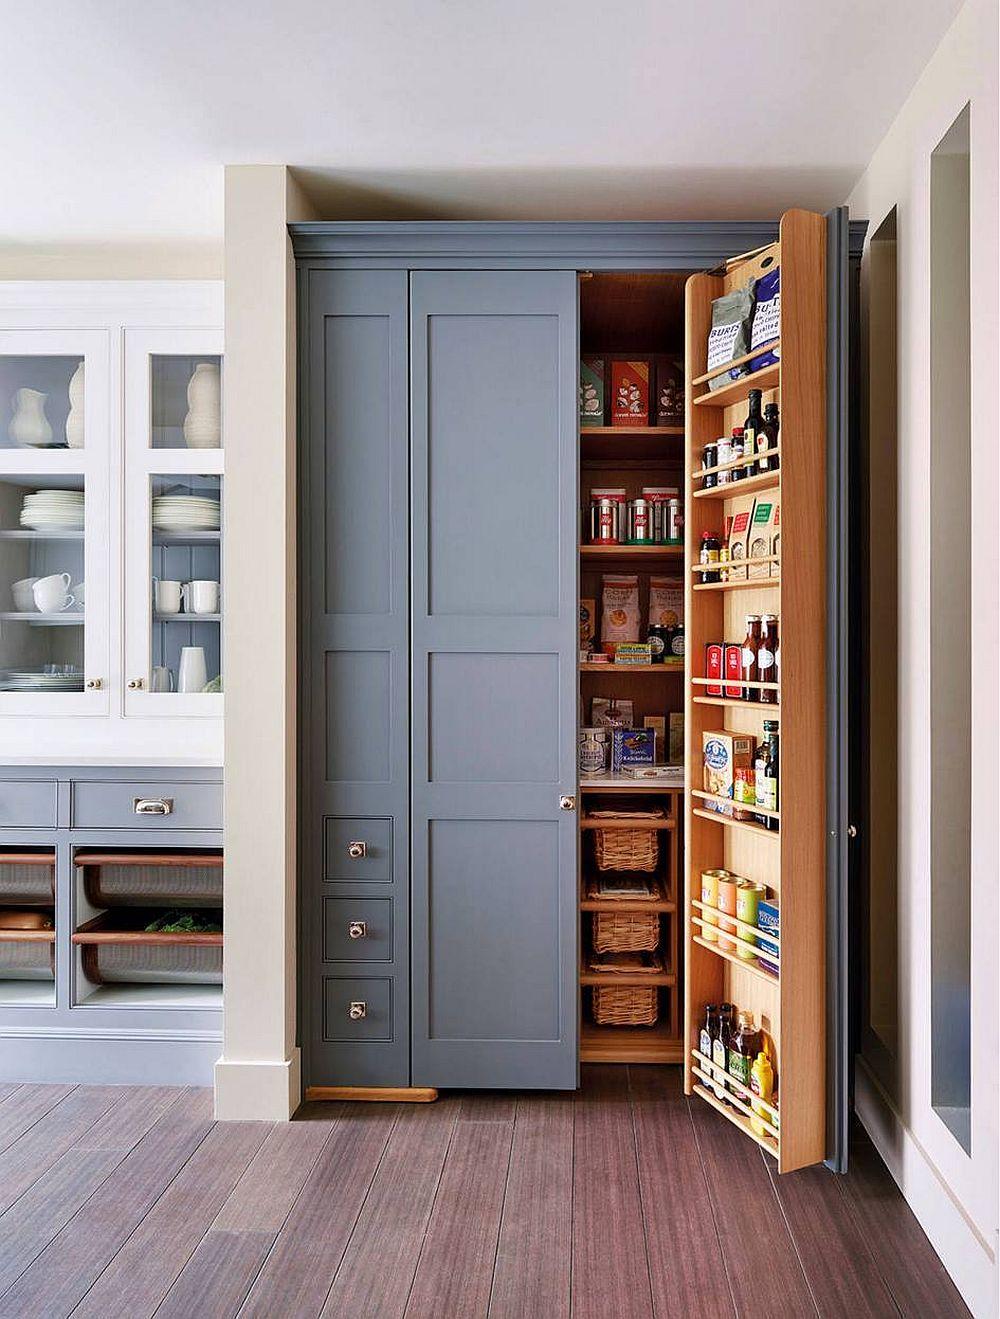 pantry küche grauer schrank mit staufläche